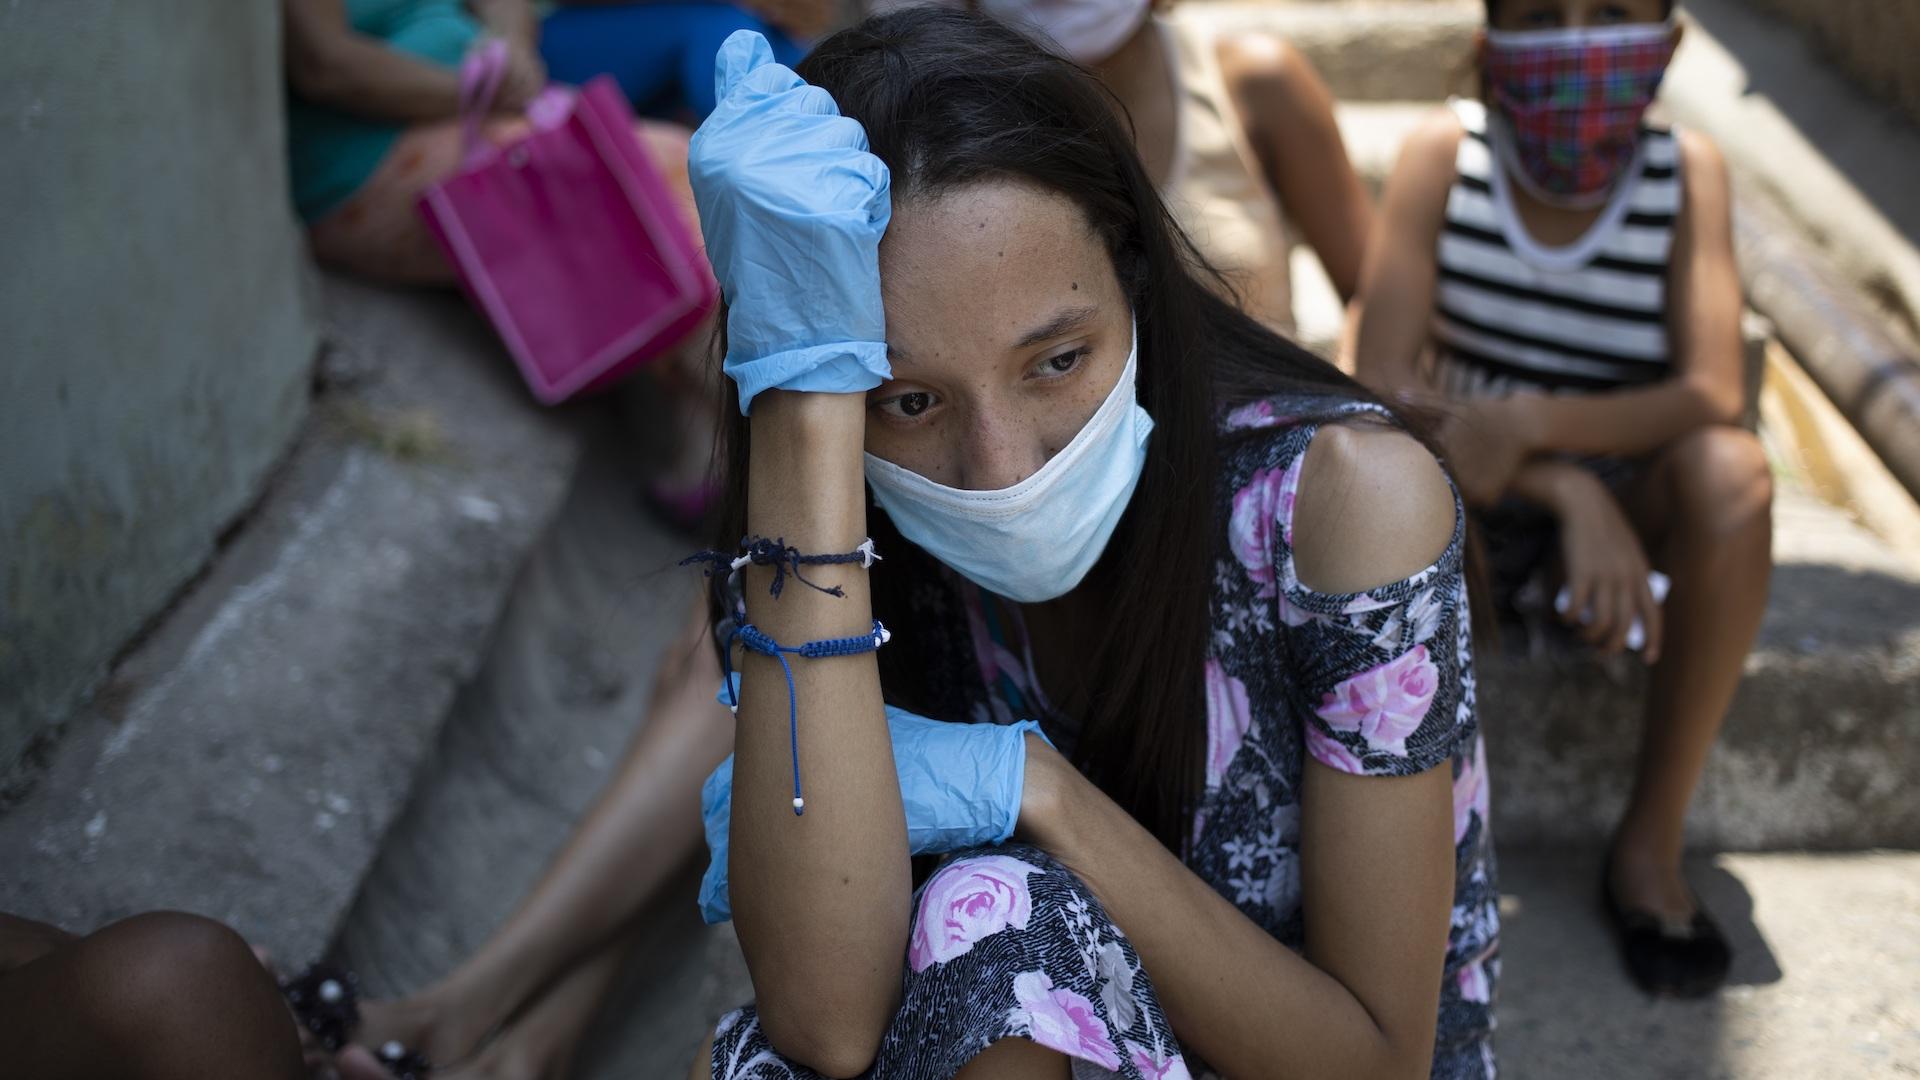 ACNUR: refugiados venezolanos recurren a mendicidad, sexo por supervivencia y corren riesgo de ser víctimas de traficantes en medio de la pandemia